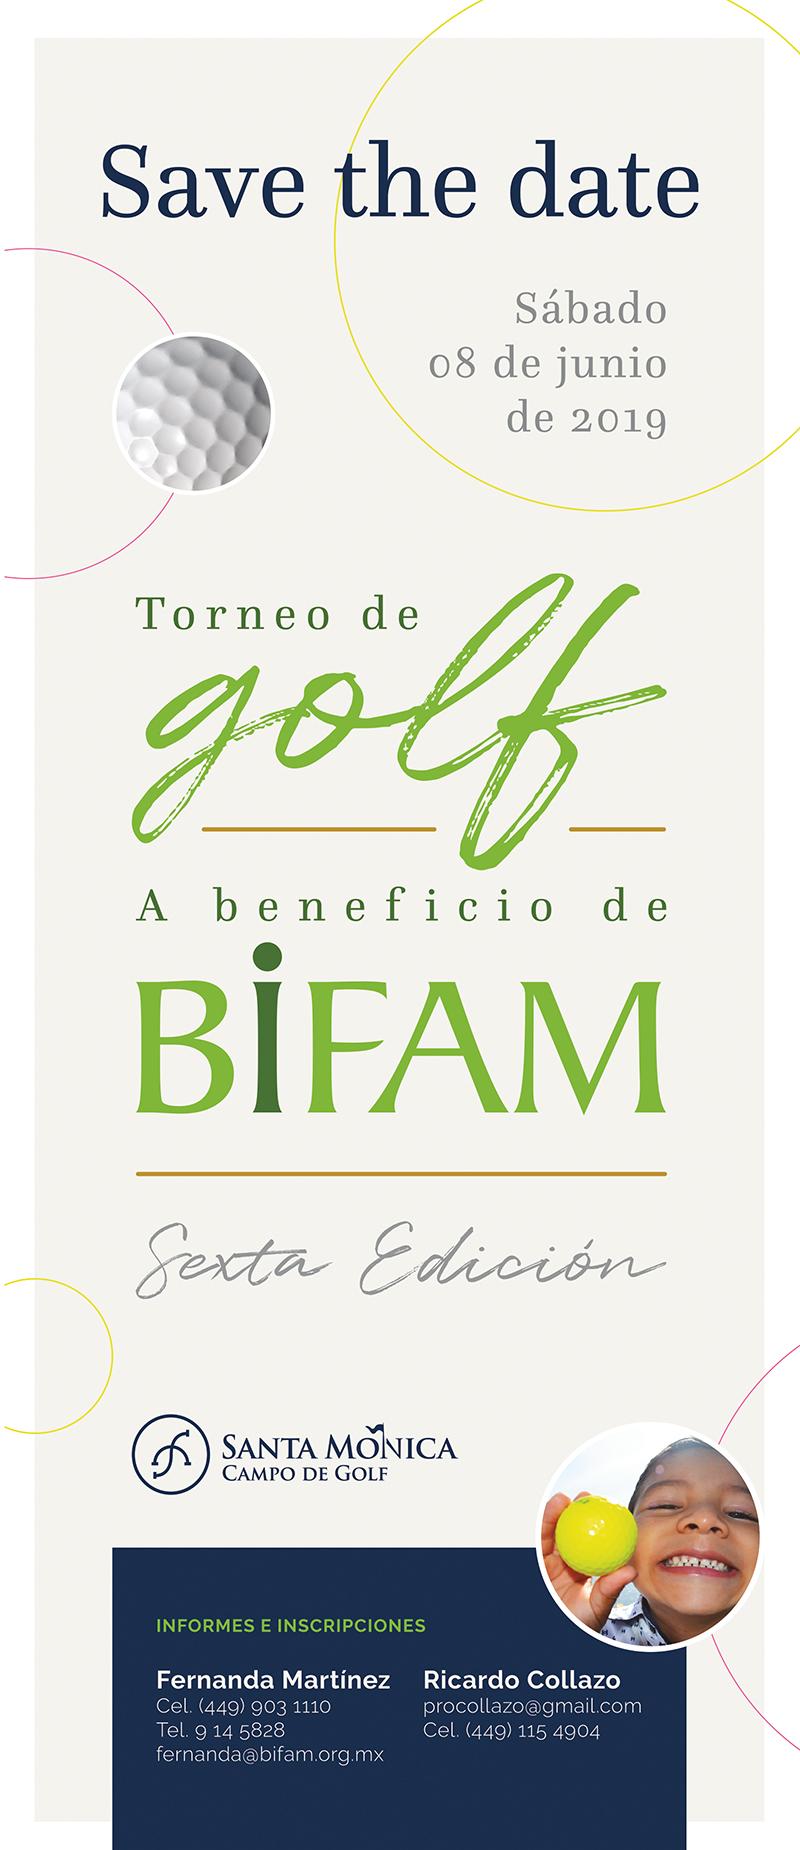 BIFAM